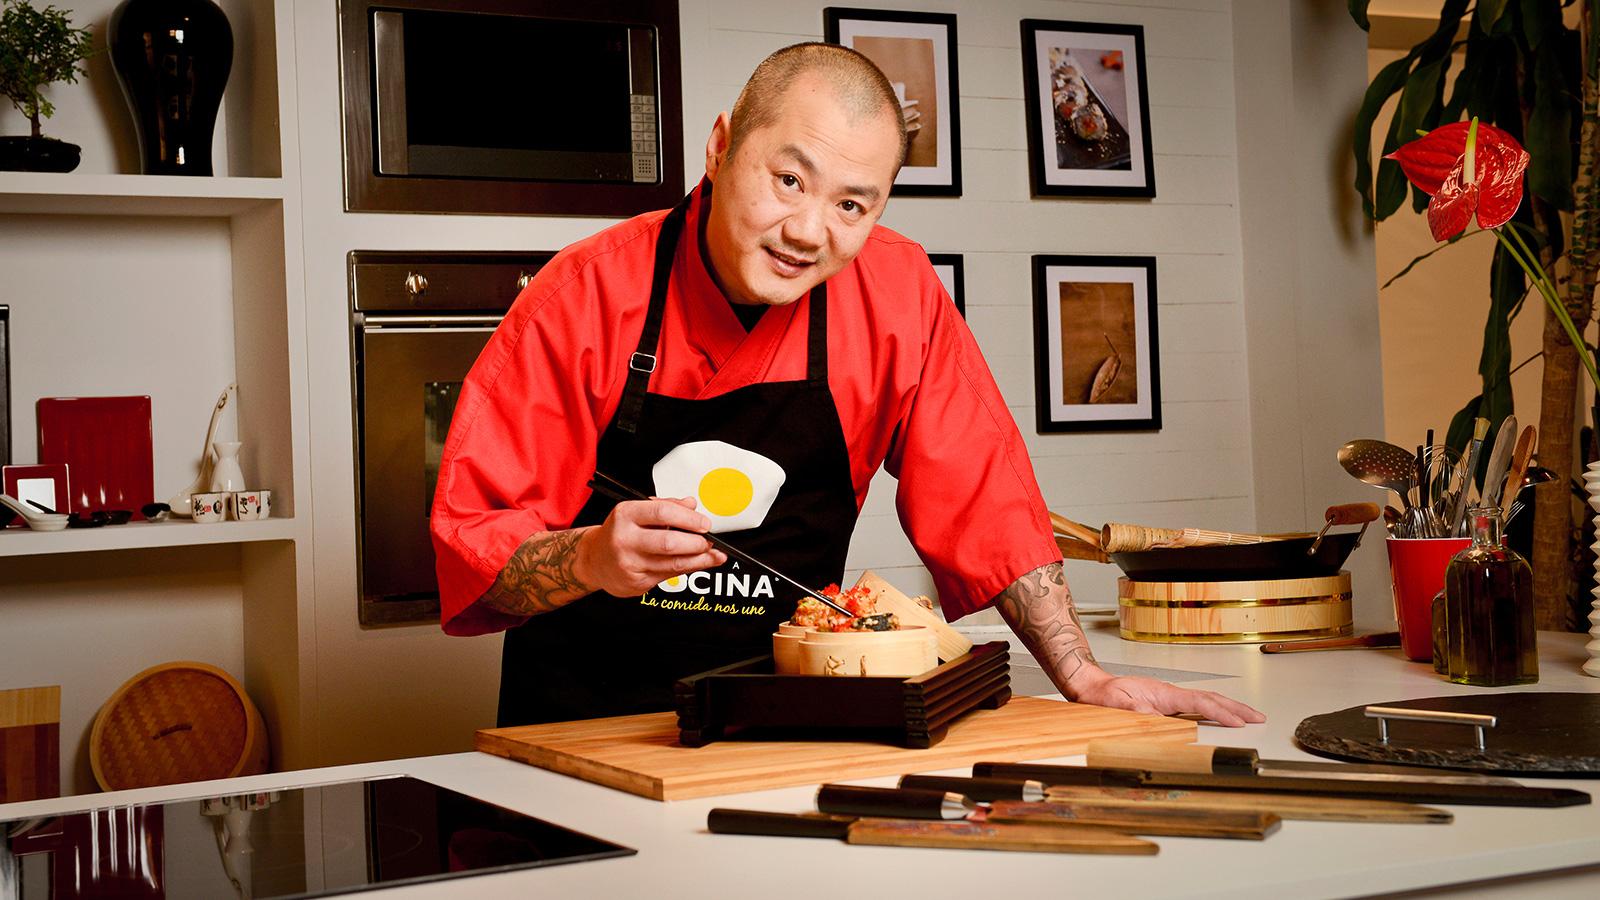 Hung fai chiu chi cocineros canal cocina - Canal cocina cocineros ...